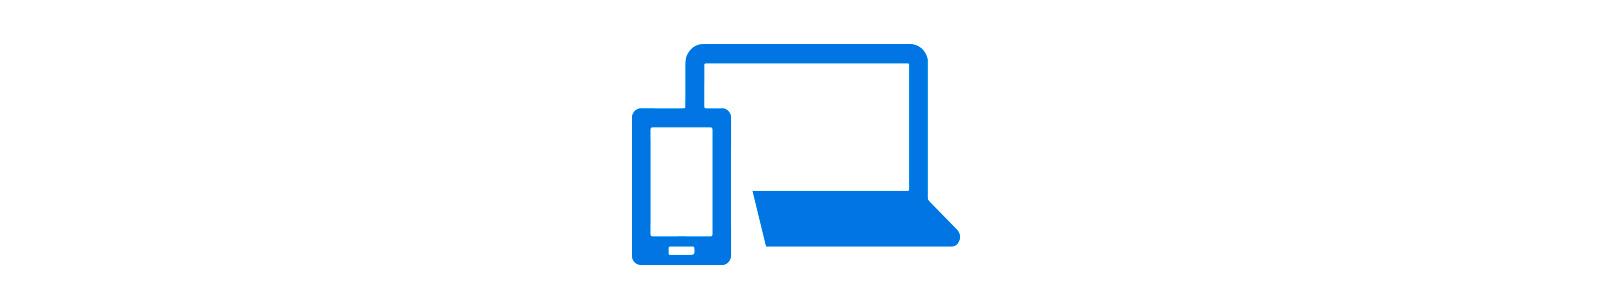 Значок Continuum для смартфонов